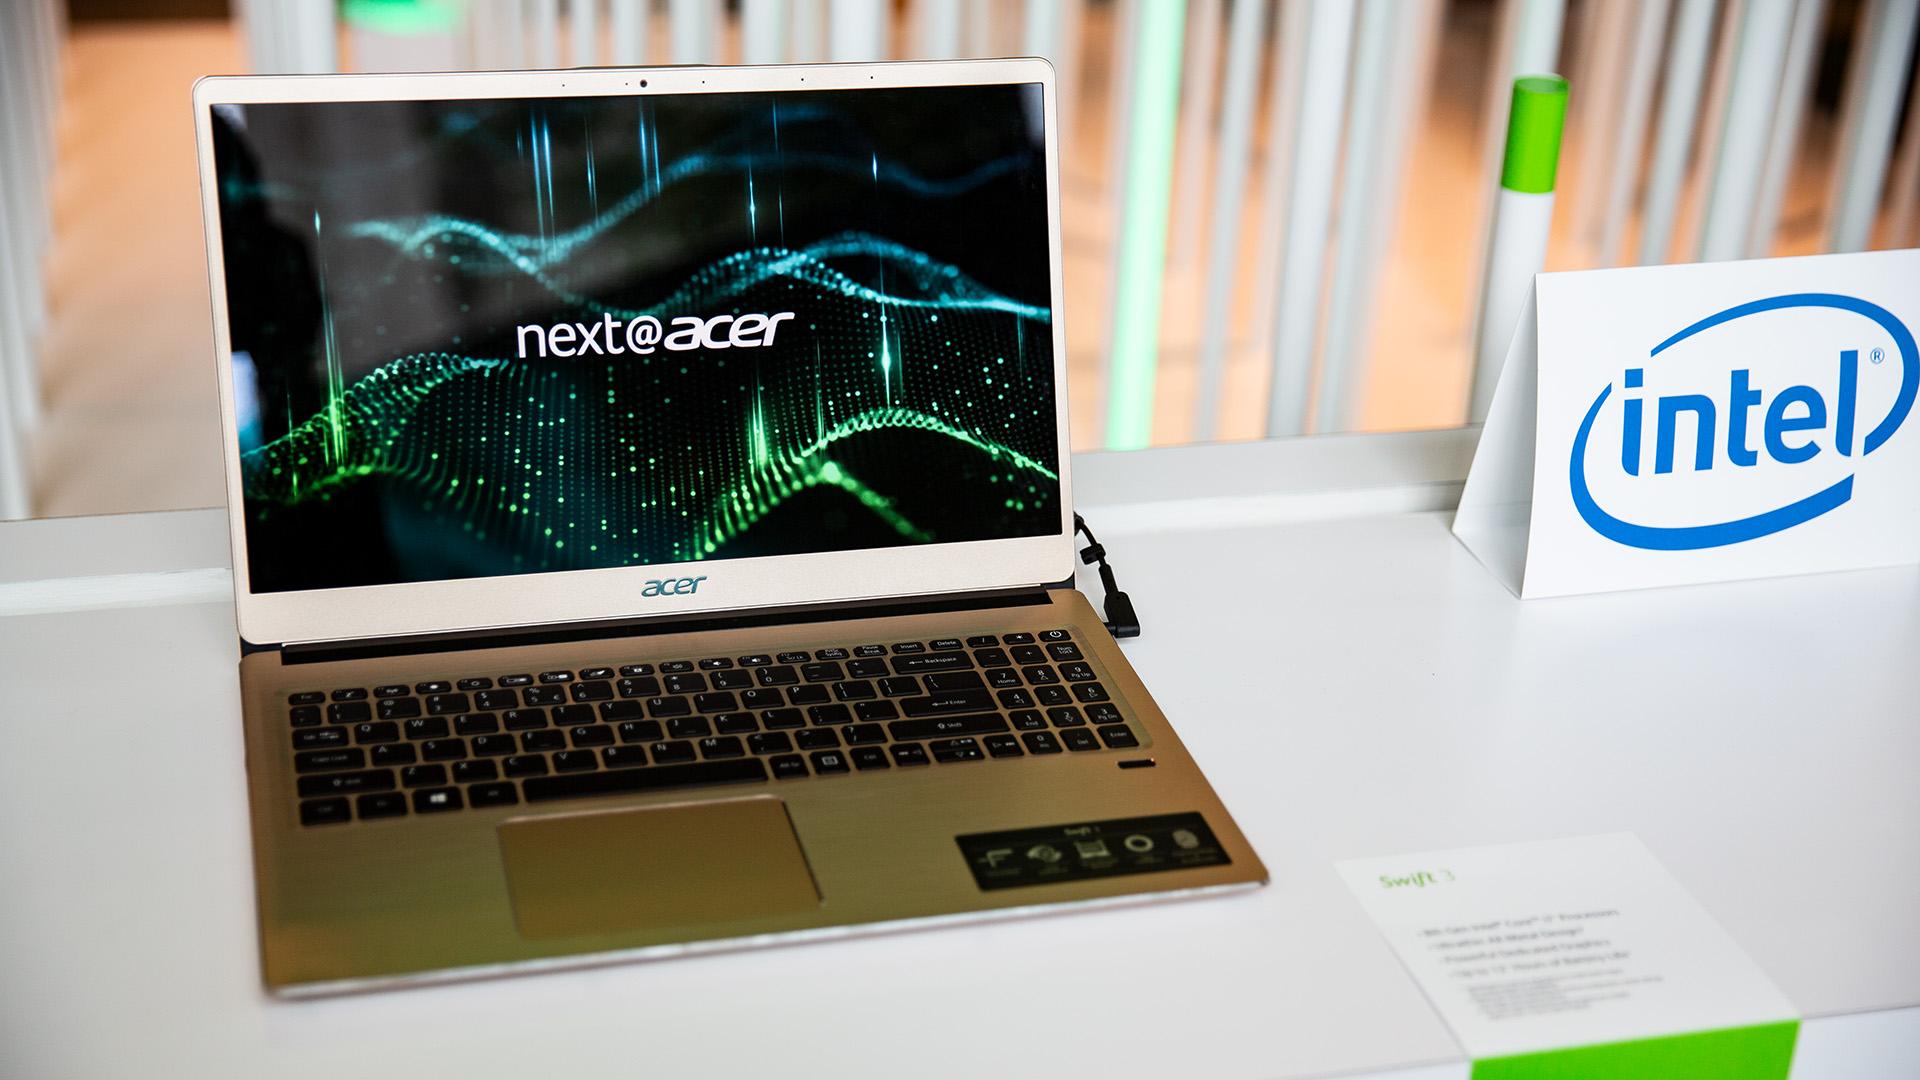 Acer-Portfolio 2018: Nitro-Gaming-PCs mit Ryzen und viele neue Notebooks - Hier setzt Acer auf leichte Materialien. (Bild: Robert Kern/Golem.de)